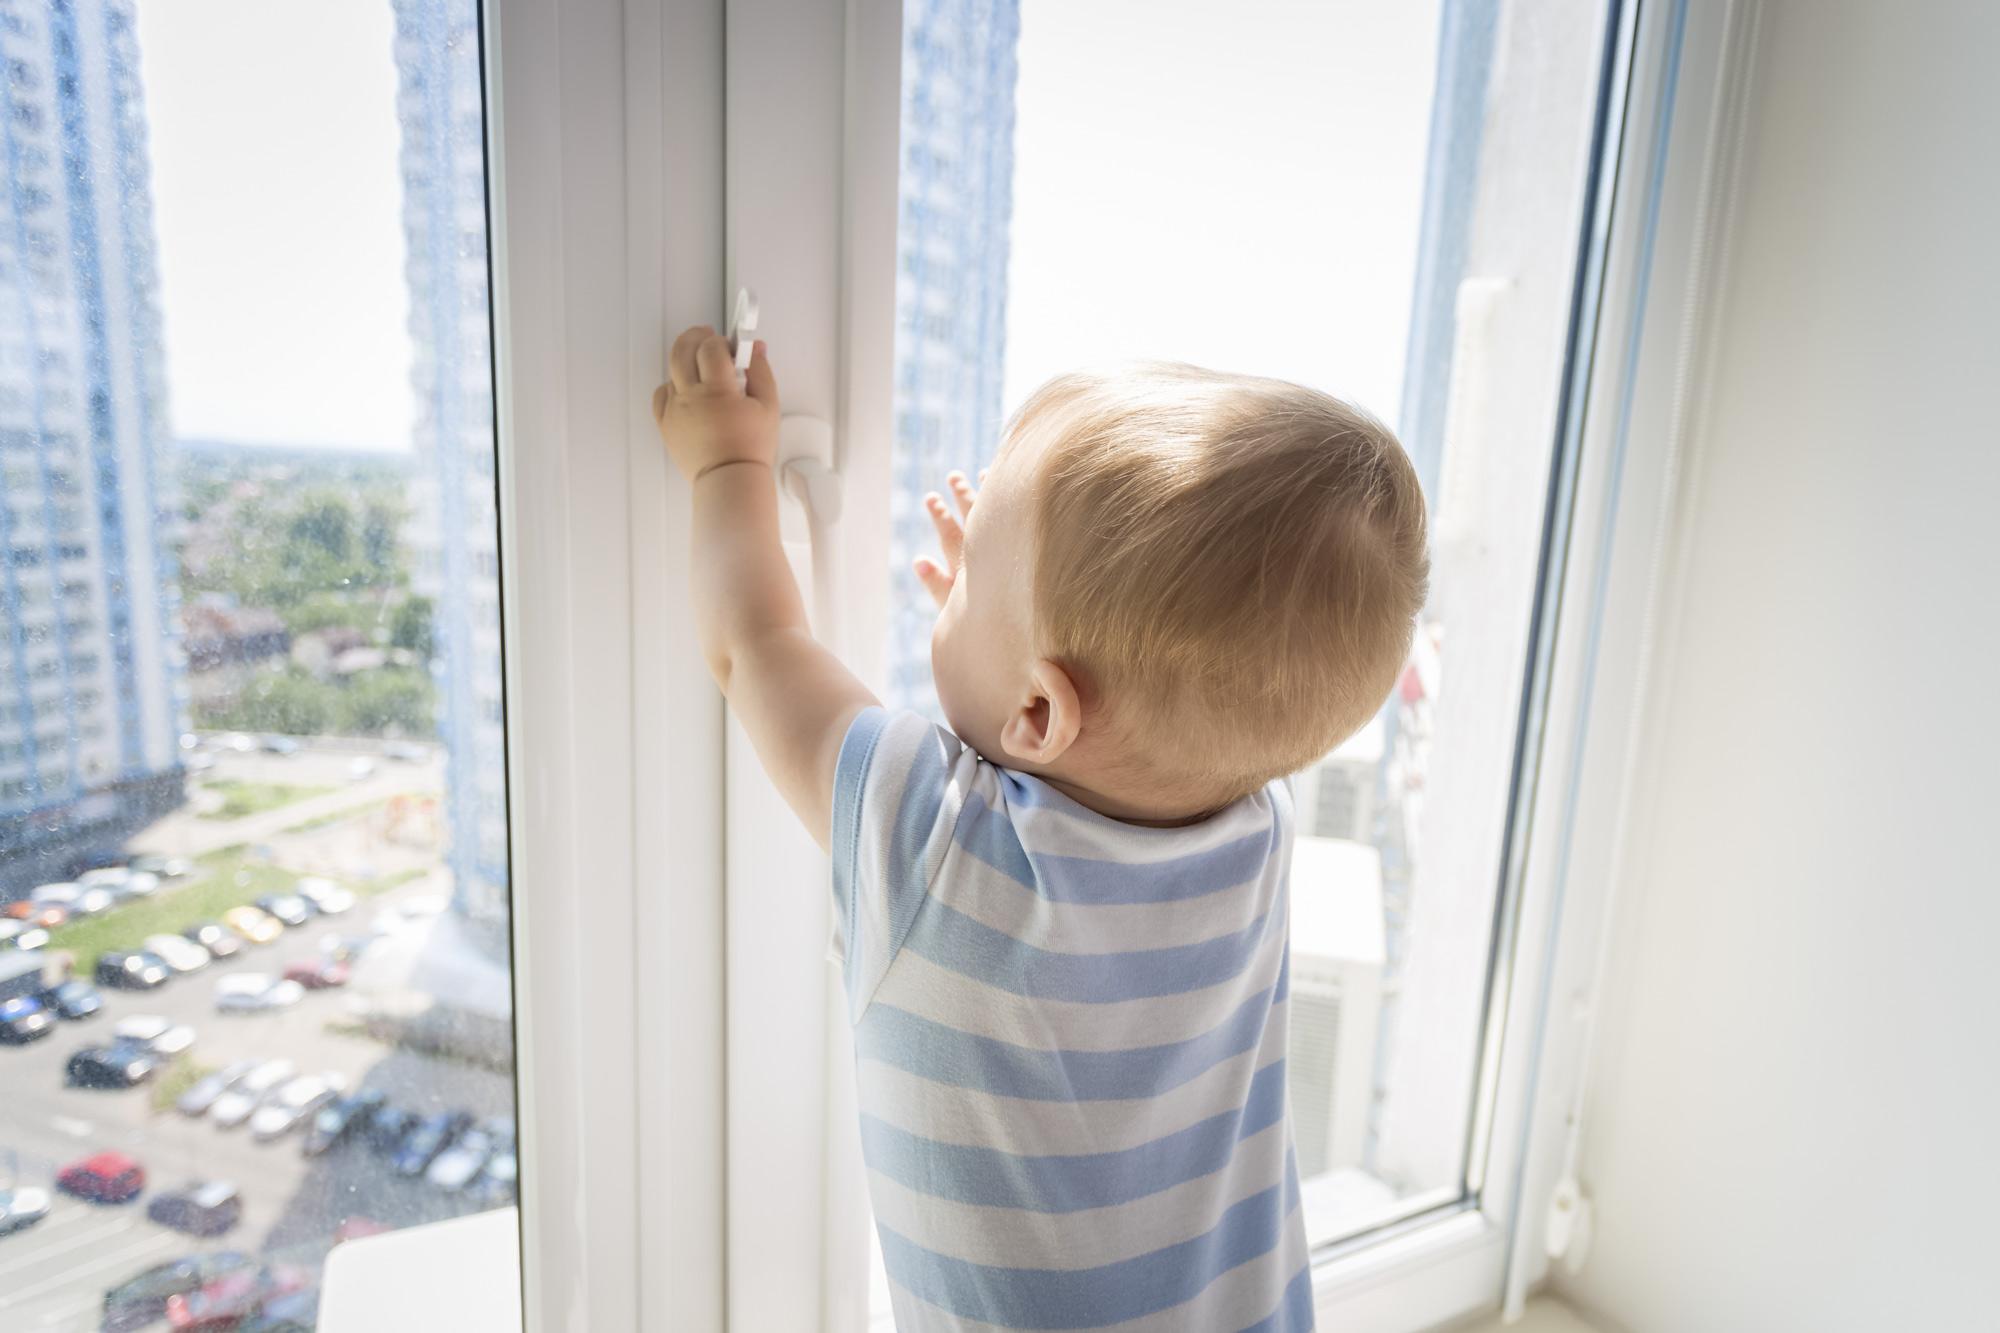 dekoracje okna bezpieczne dla dzieci